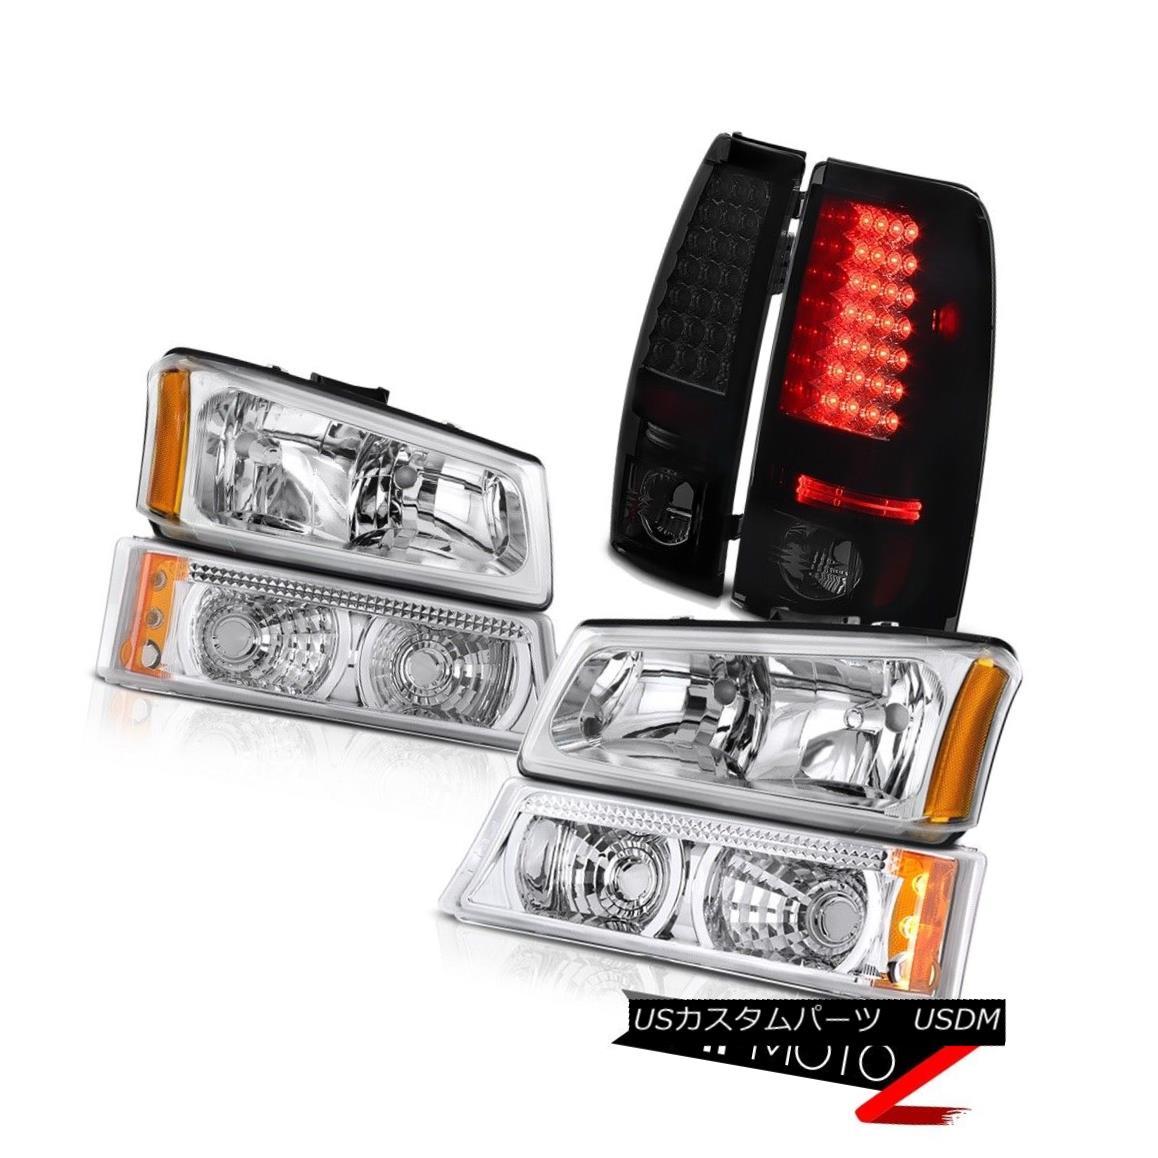 テールライト Left Right Headlights Bumper Rear Brake Tail Light LED 2003-2006 Silverado 1500 左右ヘッドライトバンパーリアブレーキテールライトLED 2003-2006シルバラード1500